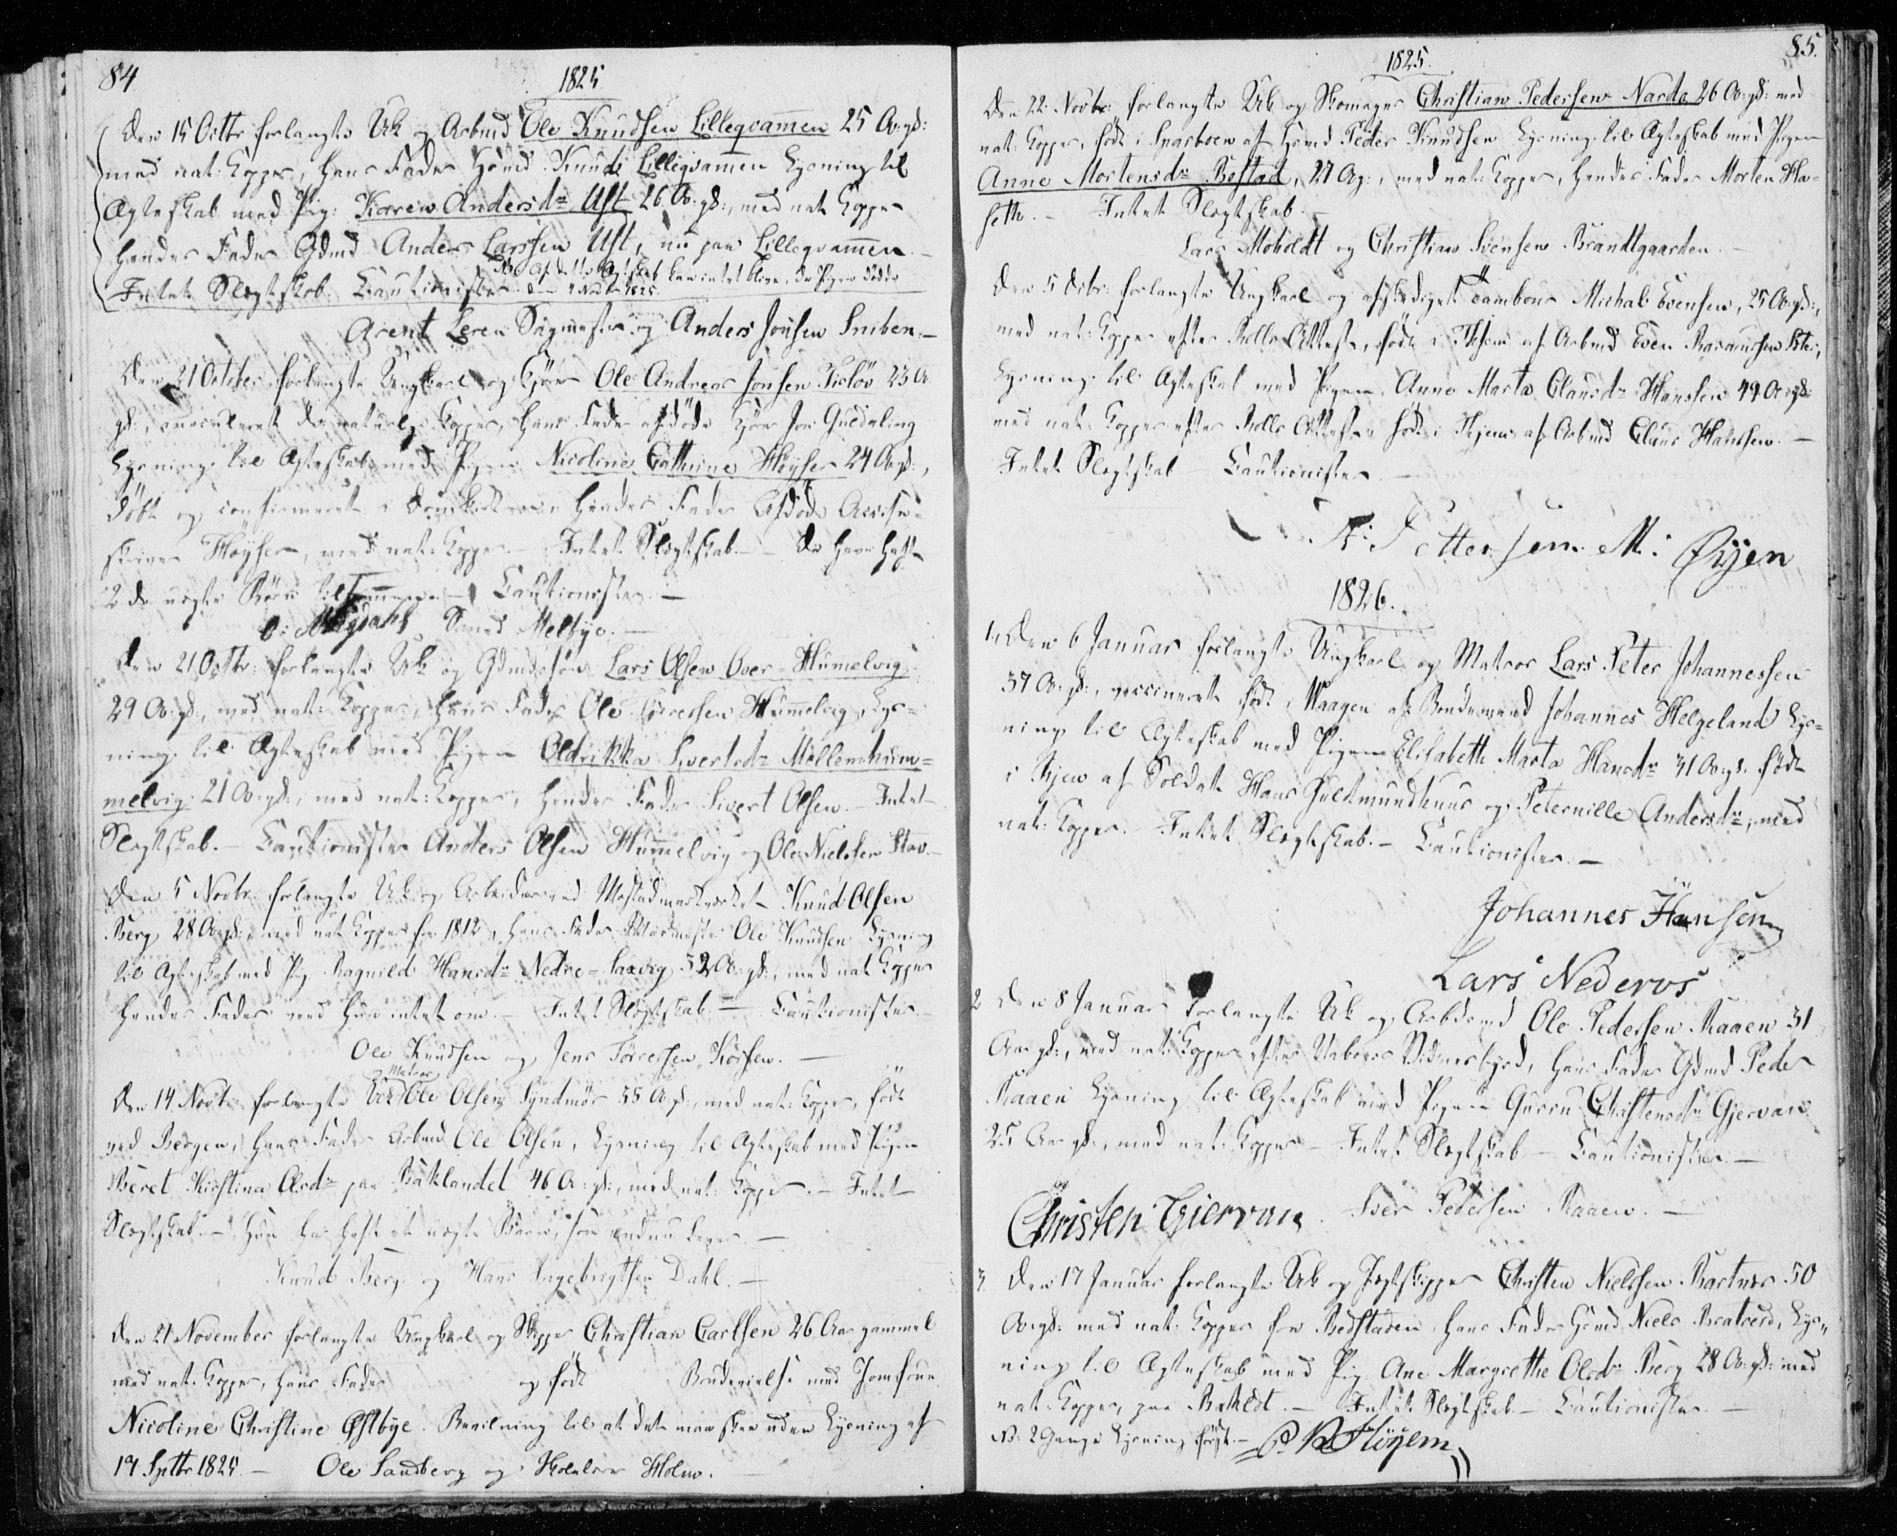 SAT, Ministerialprotokoller, klokkerbøker og fødselsregistre - Sør-Trøndelag, 606/L0295: Lysningsprotokoll nr. 606A10, 1815-1833, s. 84-85